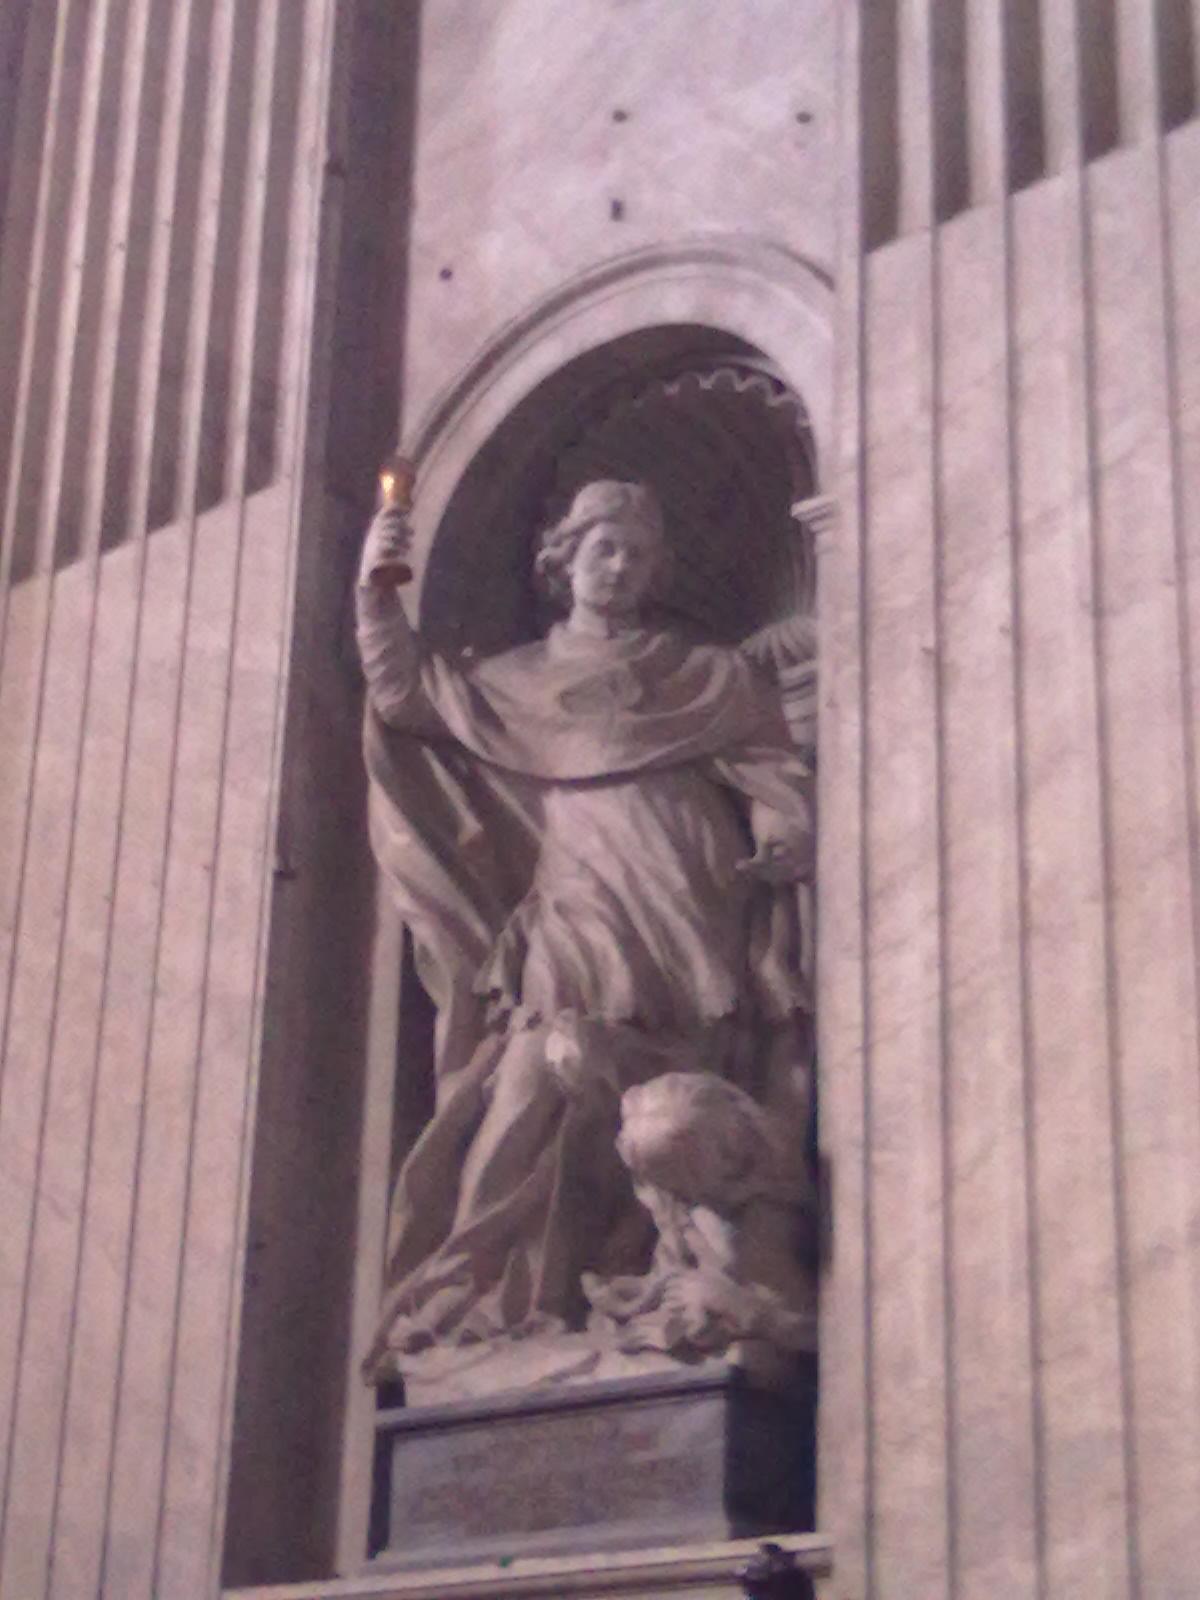 Szent Norbert szobra a Szent Péter Bazilikában - egész közel a szentélyhez